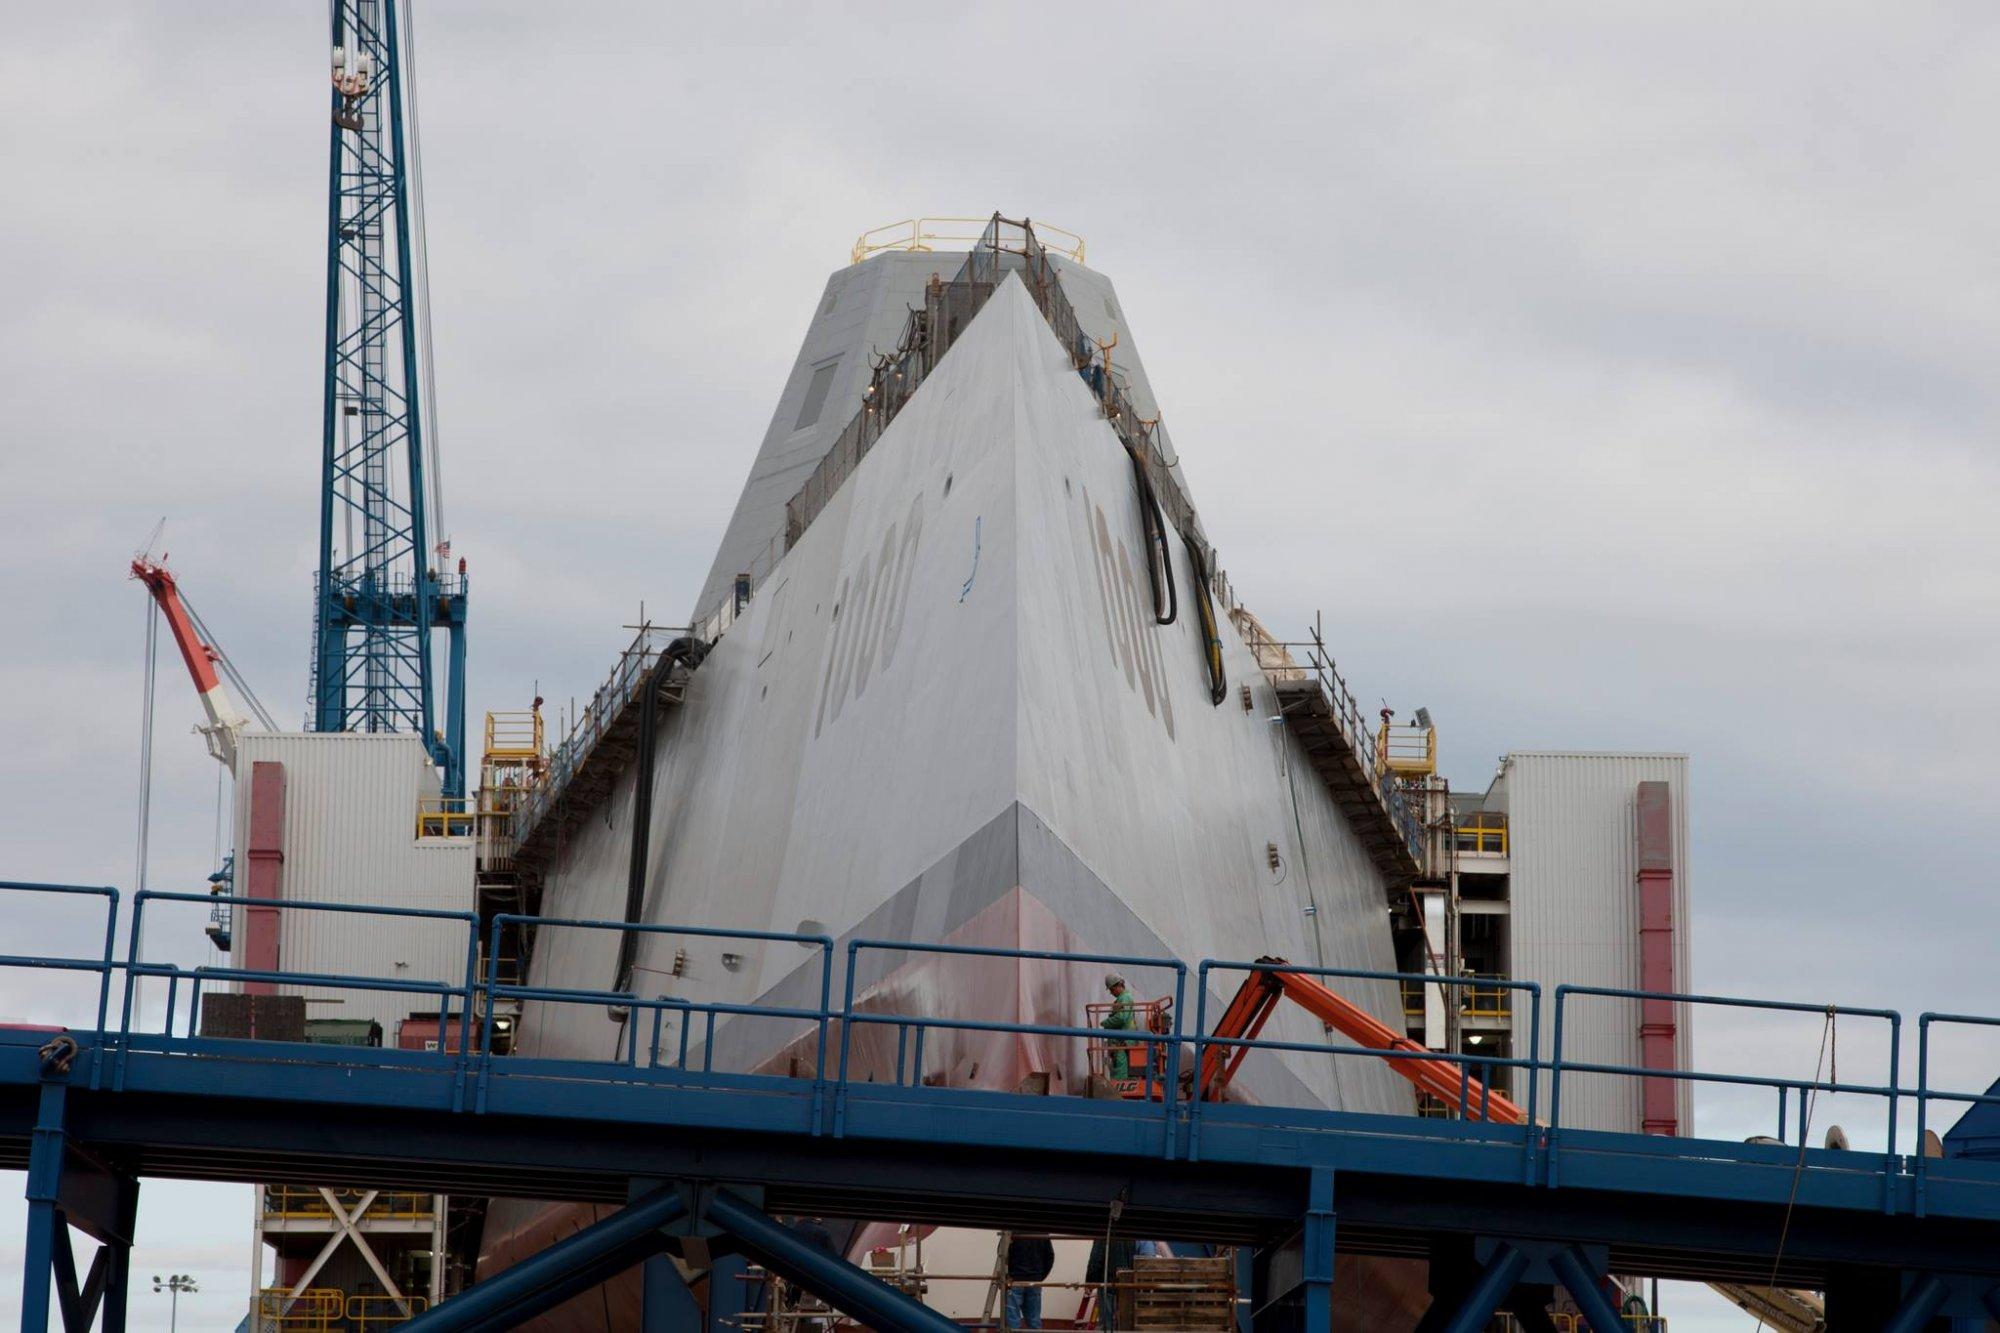 США спустили на воду сверхсекретный ракетный эсминец